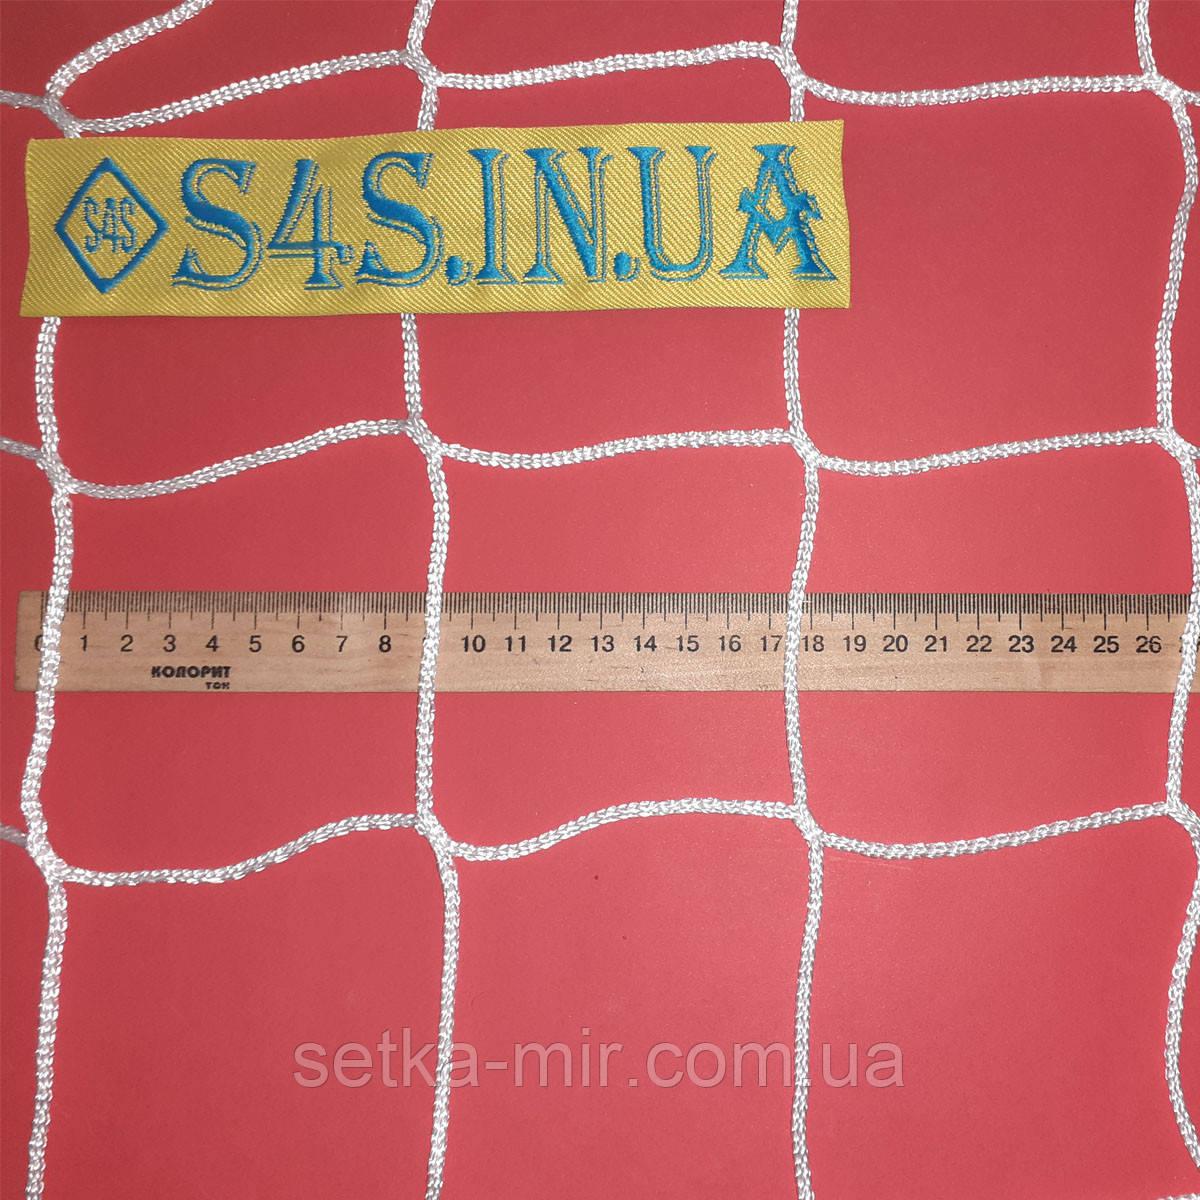 Сетка оградительная безузловая испанская, полиэстер, D – 3 мм, ячейка – 10 см, белая